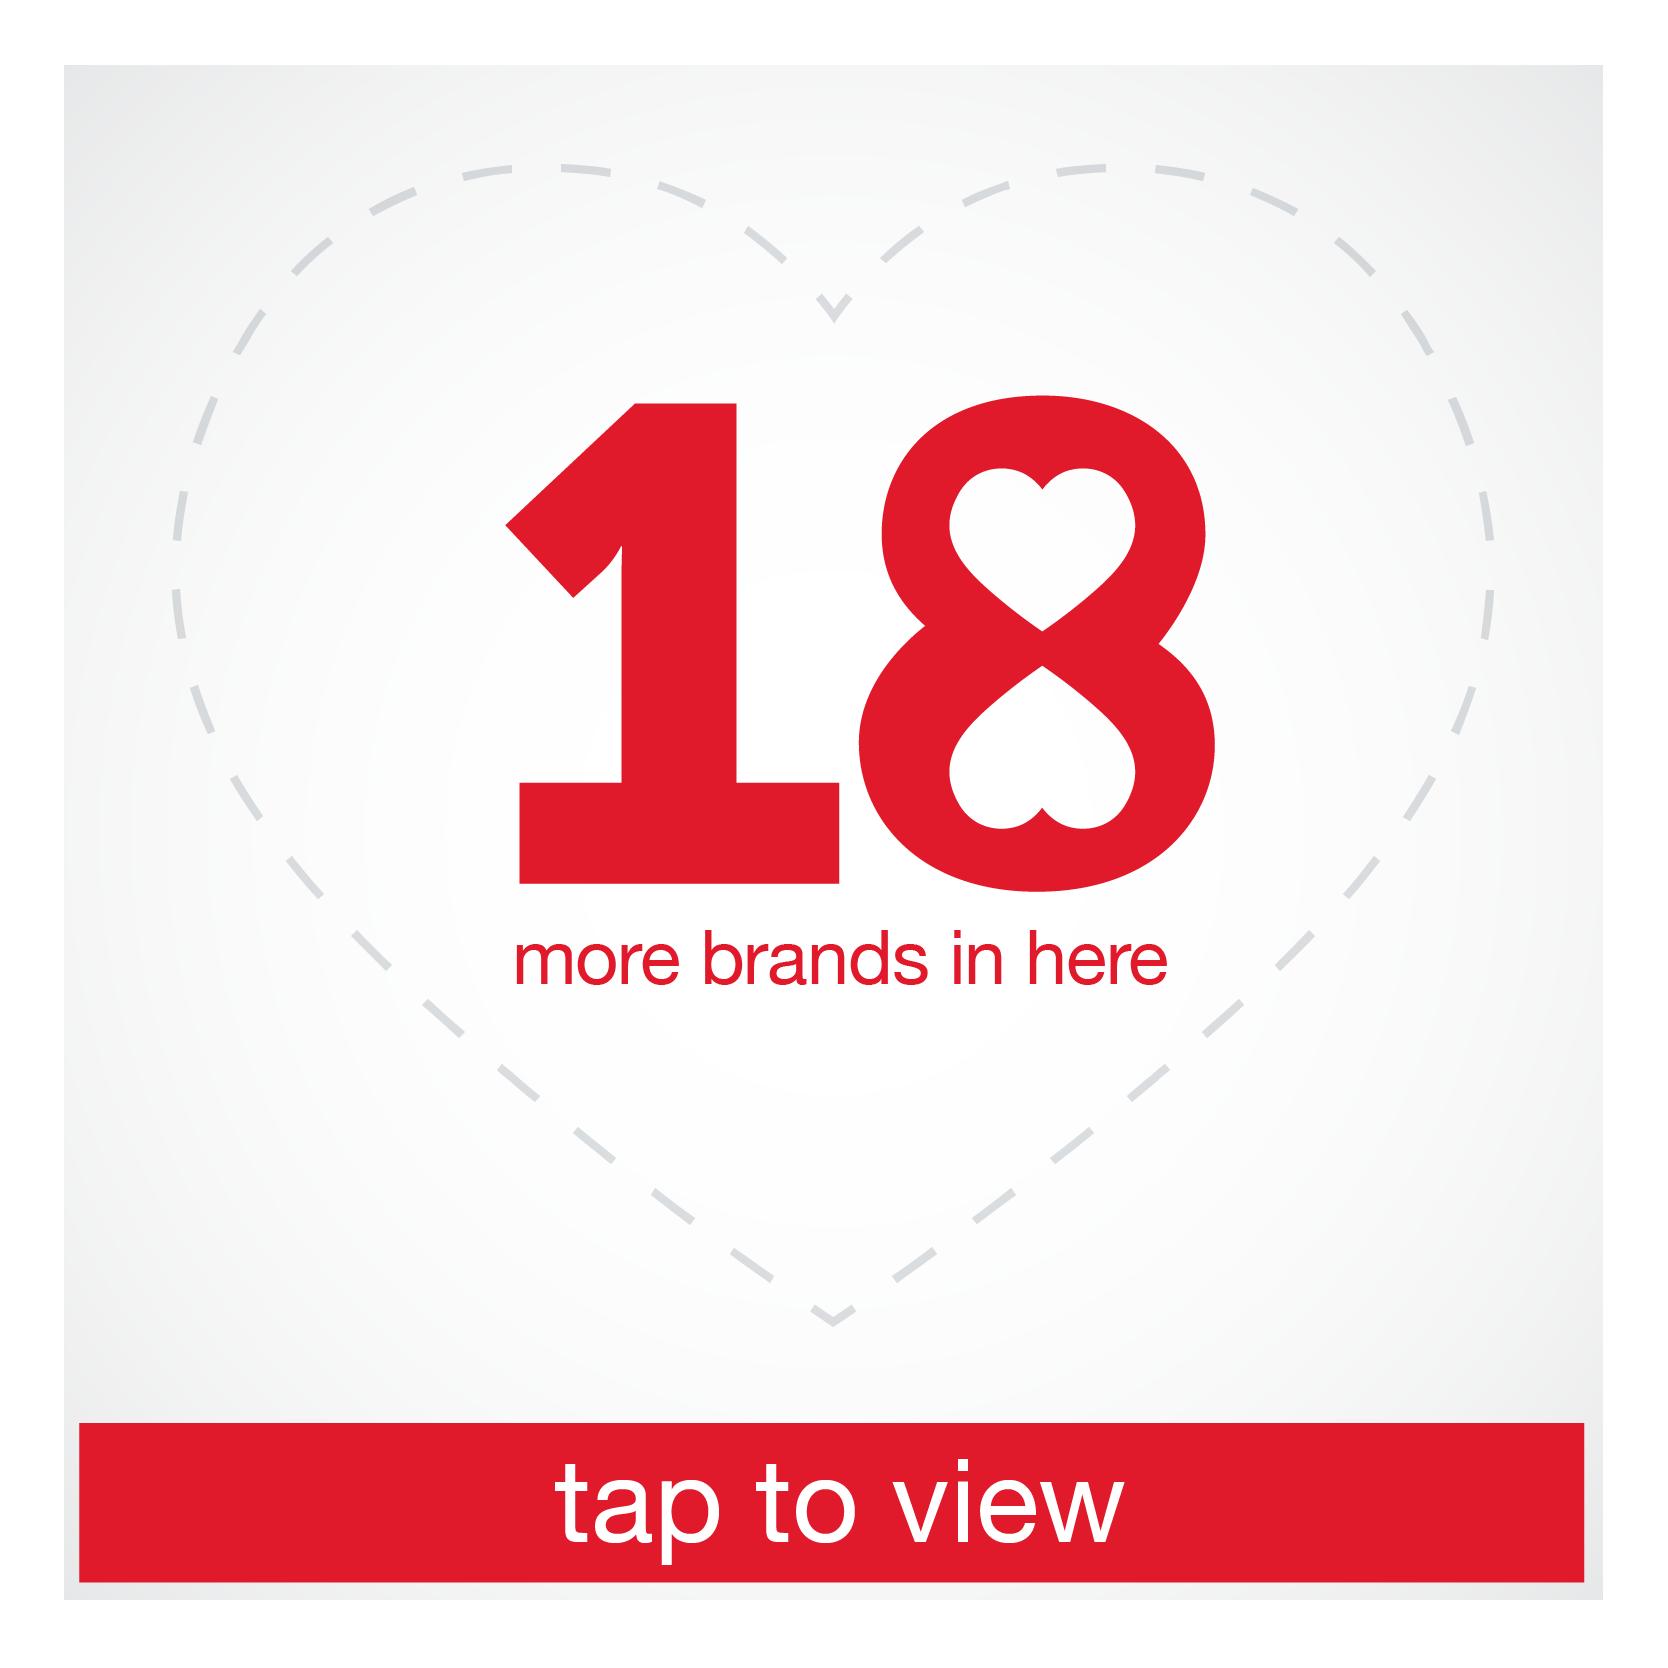 Brand_Logos_V2-36.png